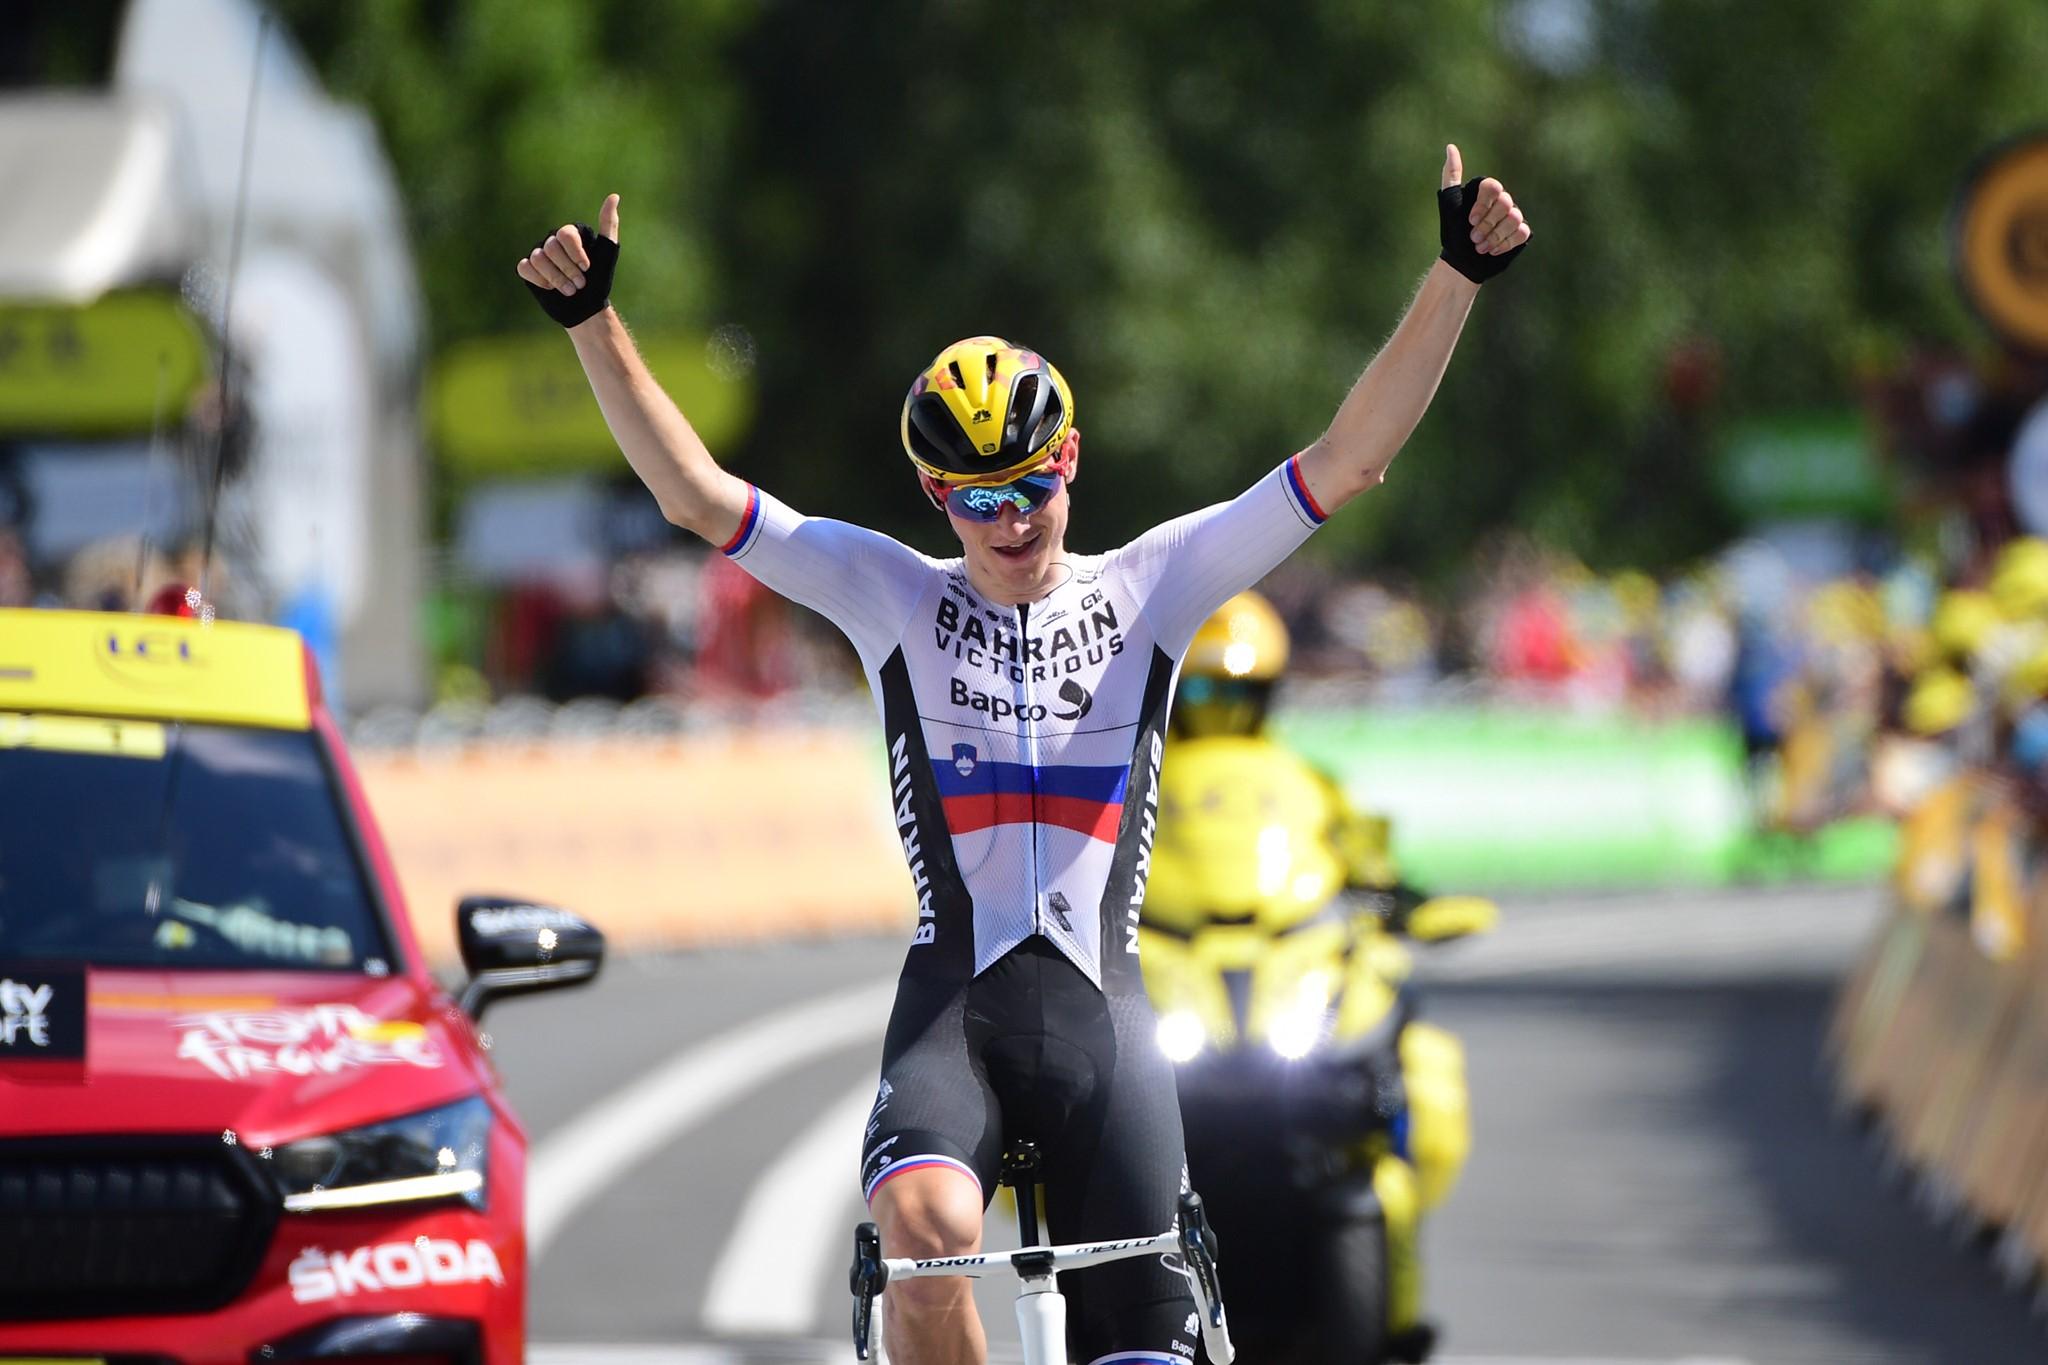 Jezni Mohorič bi za drugo zmago na Touru prej eksplodiral, kot se predal